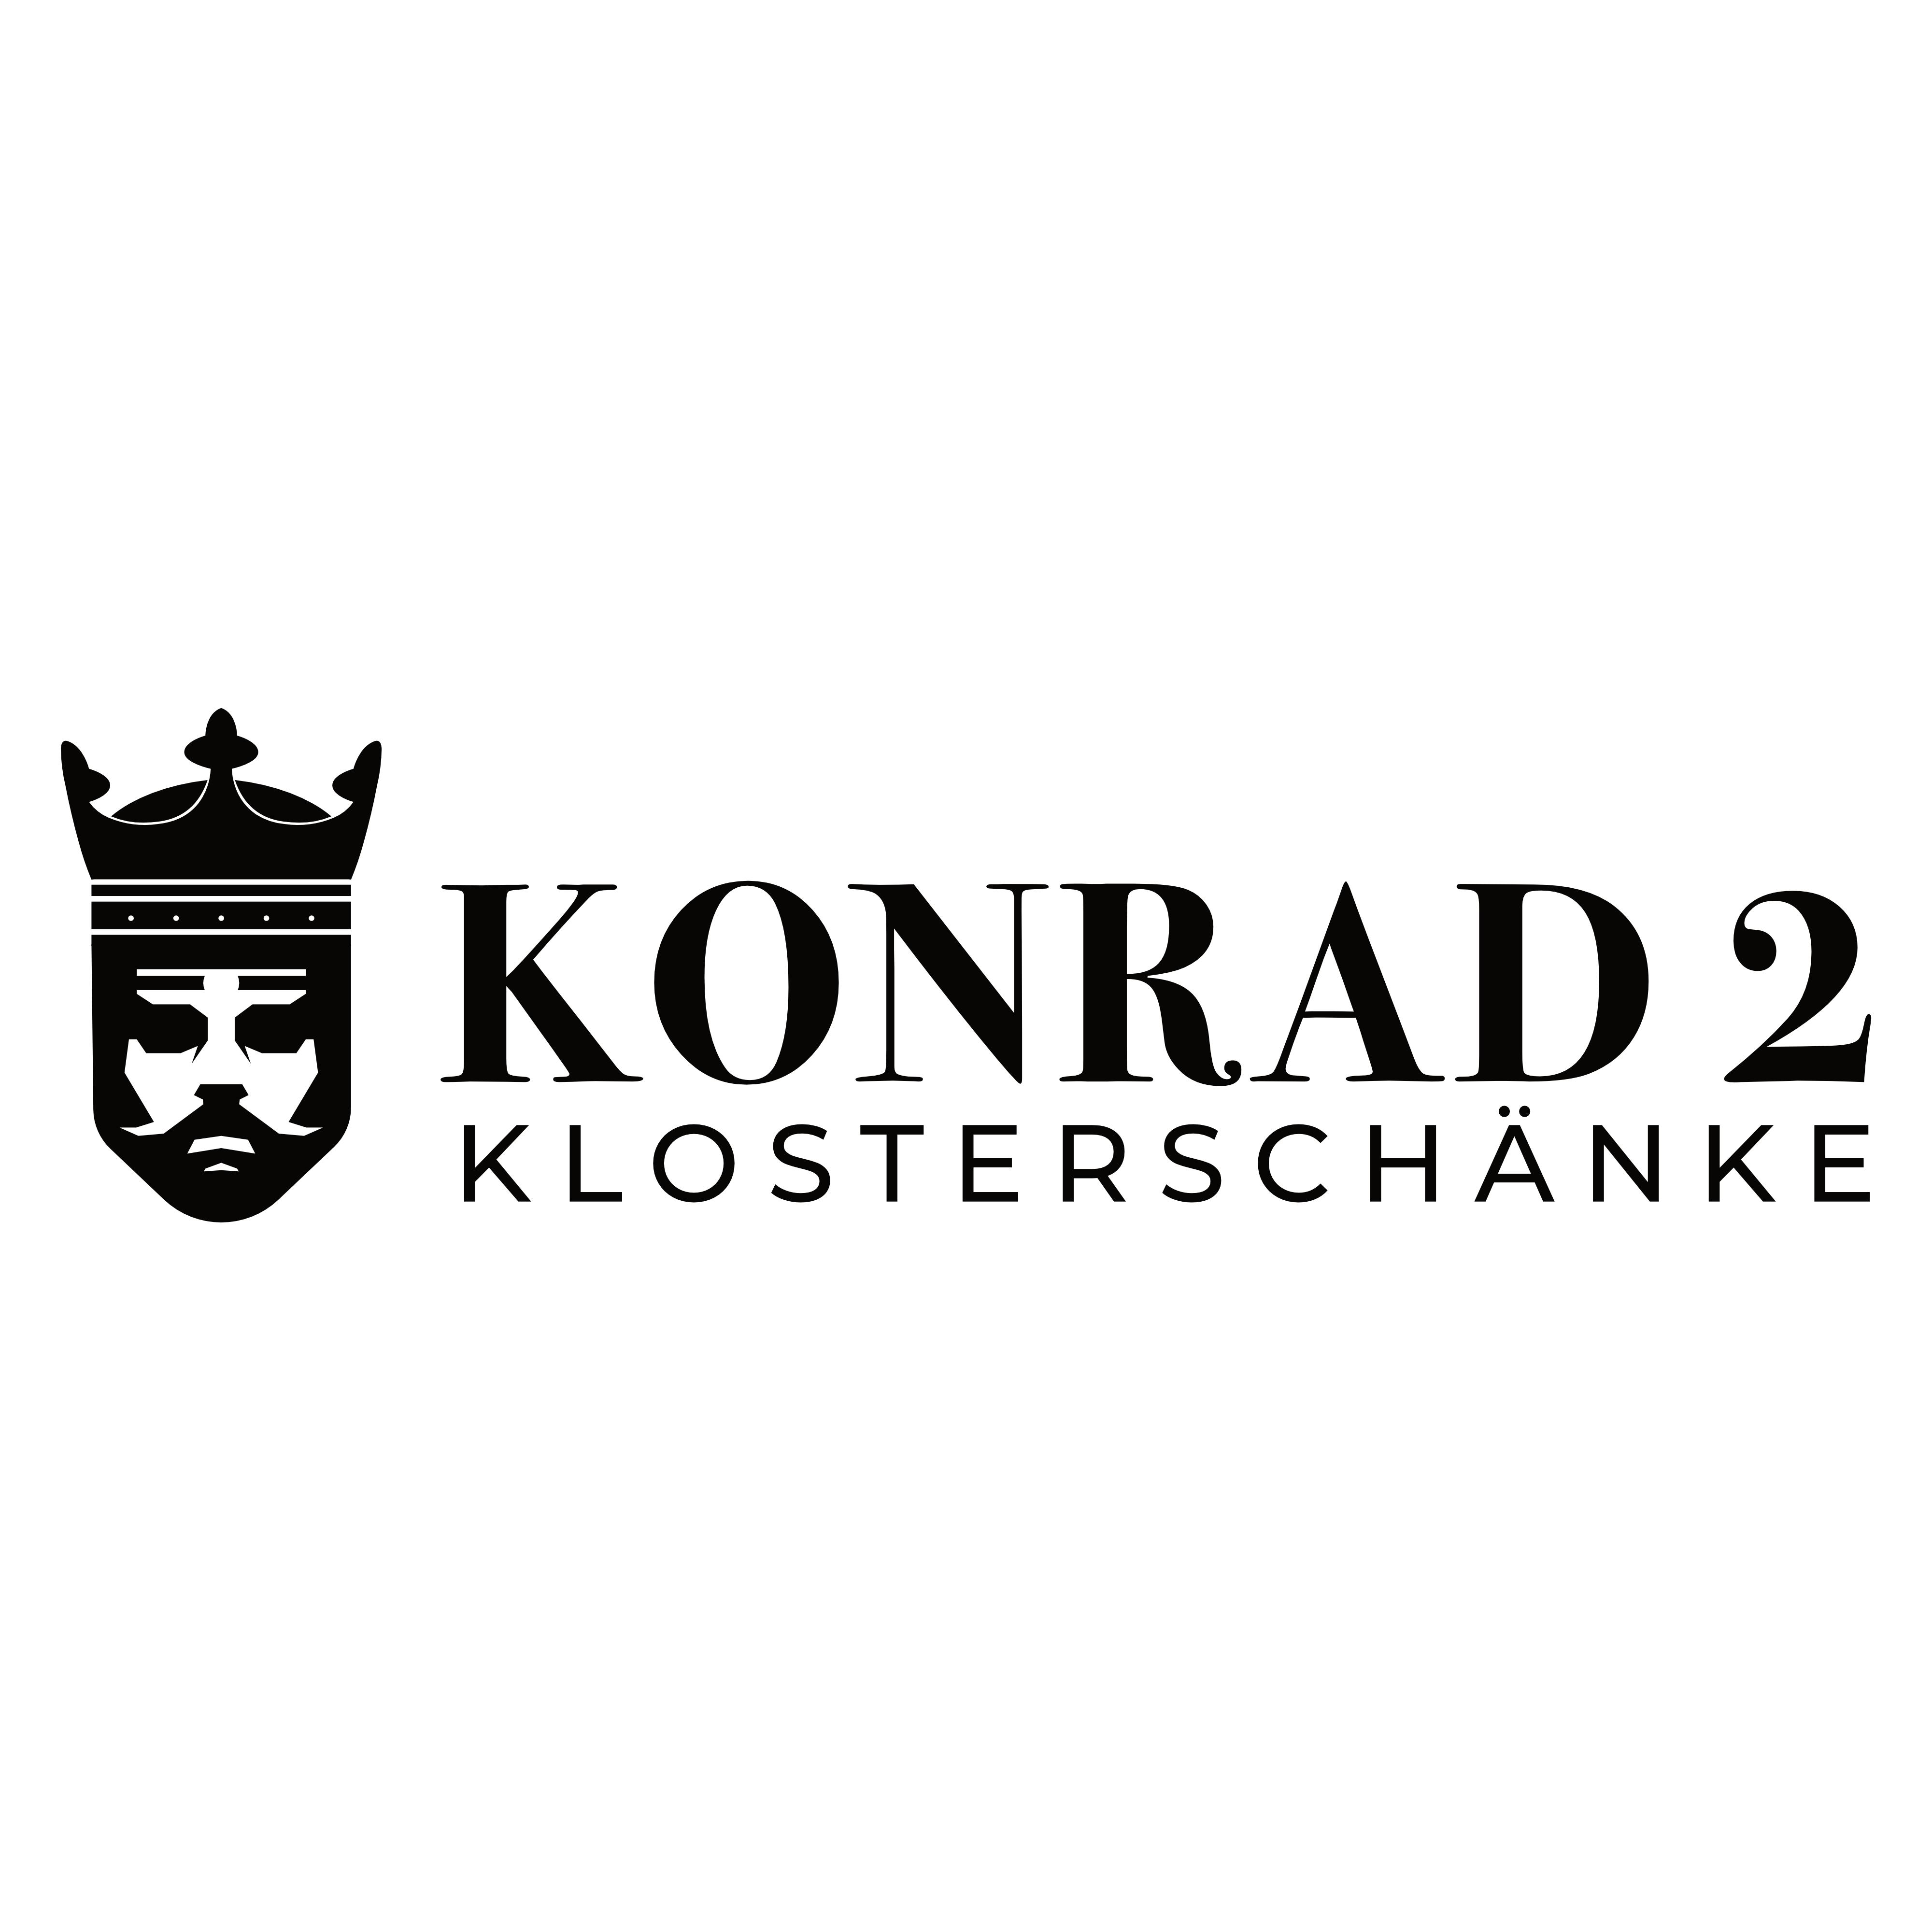 Logo von KONRAD2 auf der Klosterruine Limburg in Bad Dürkheim